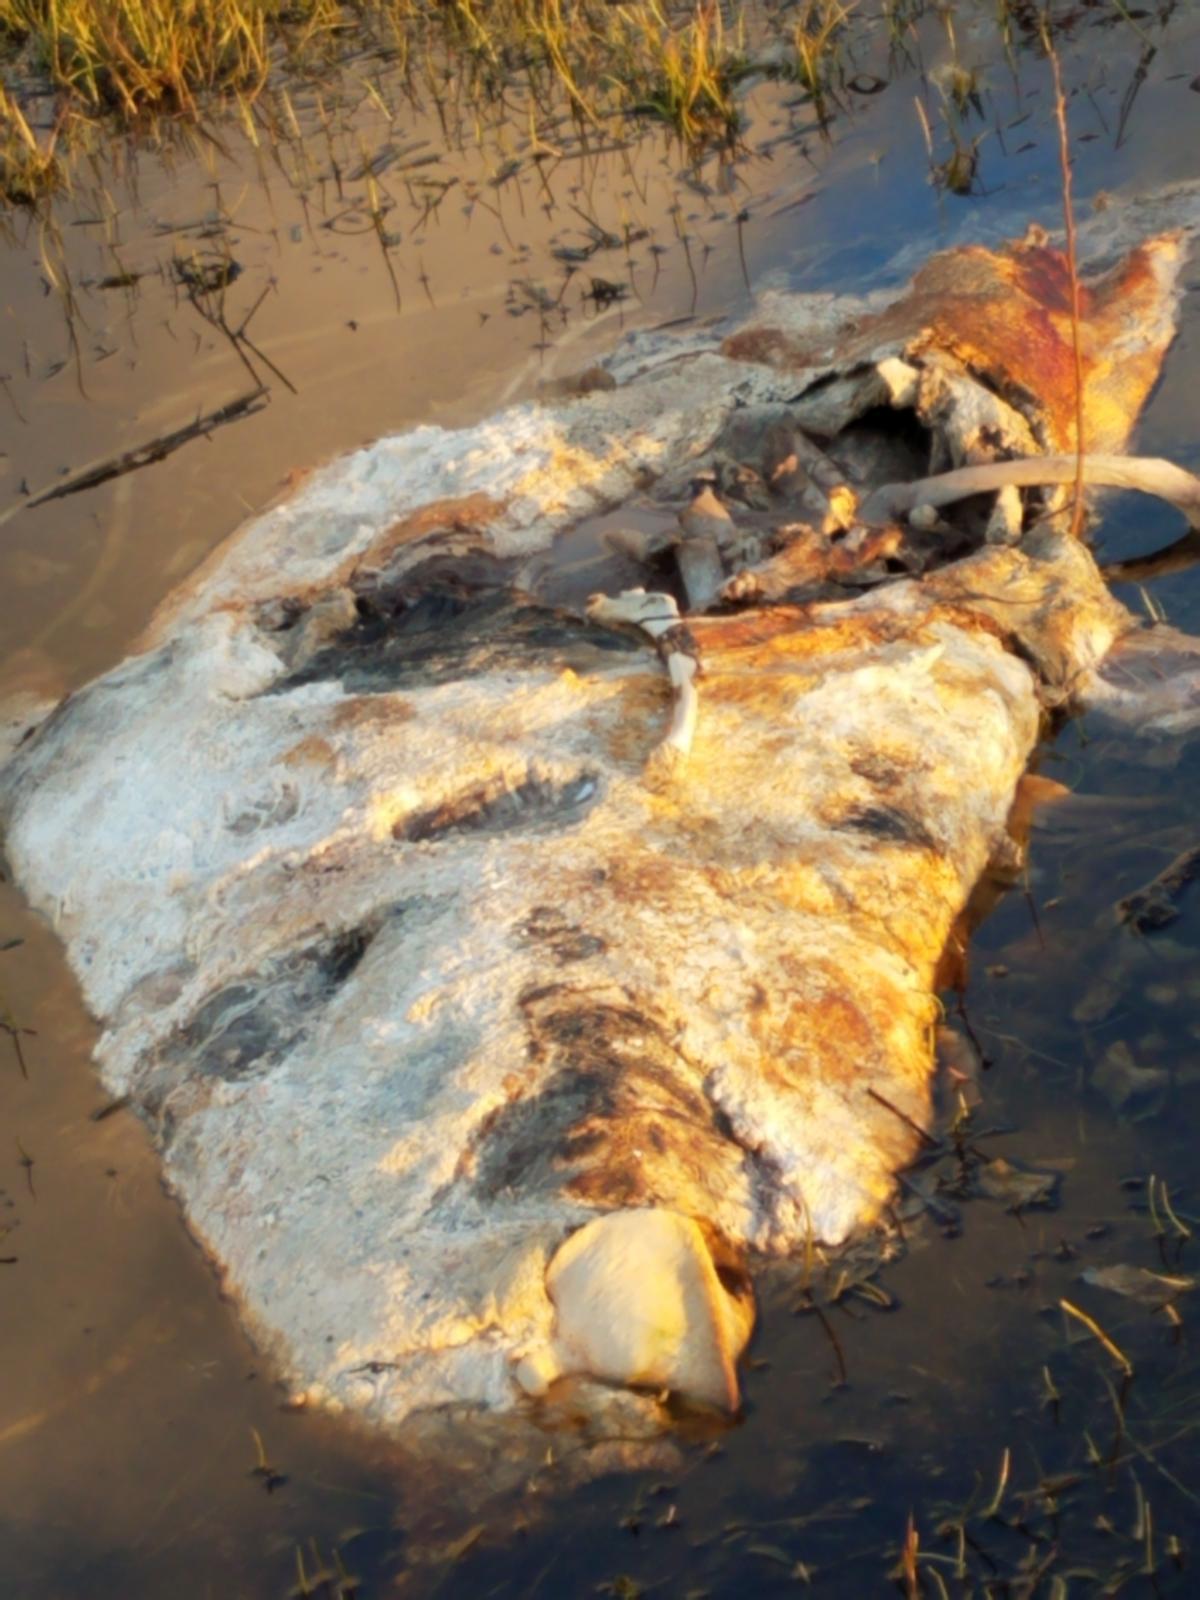 Dead Marine animal